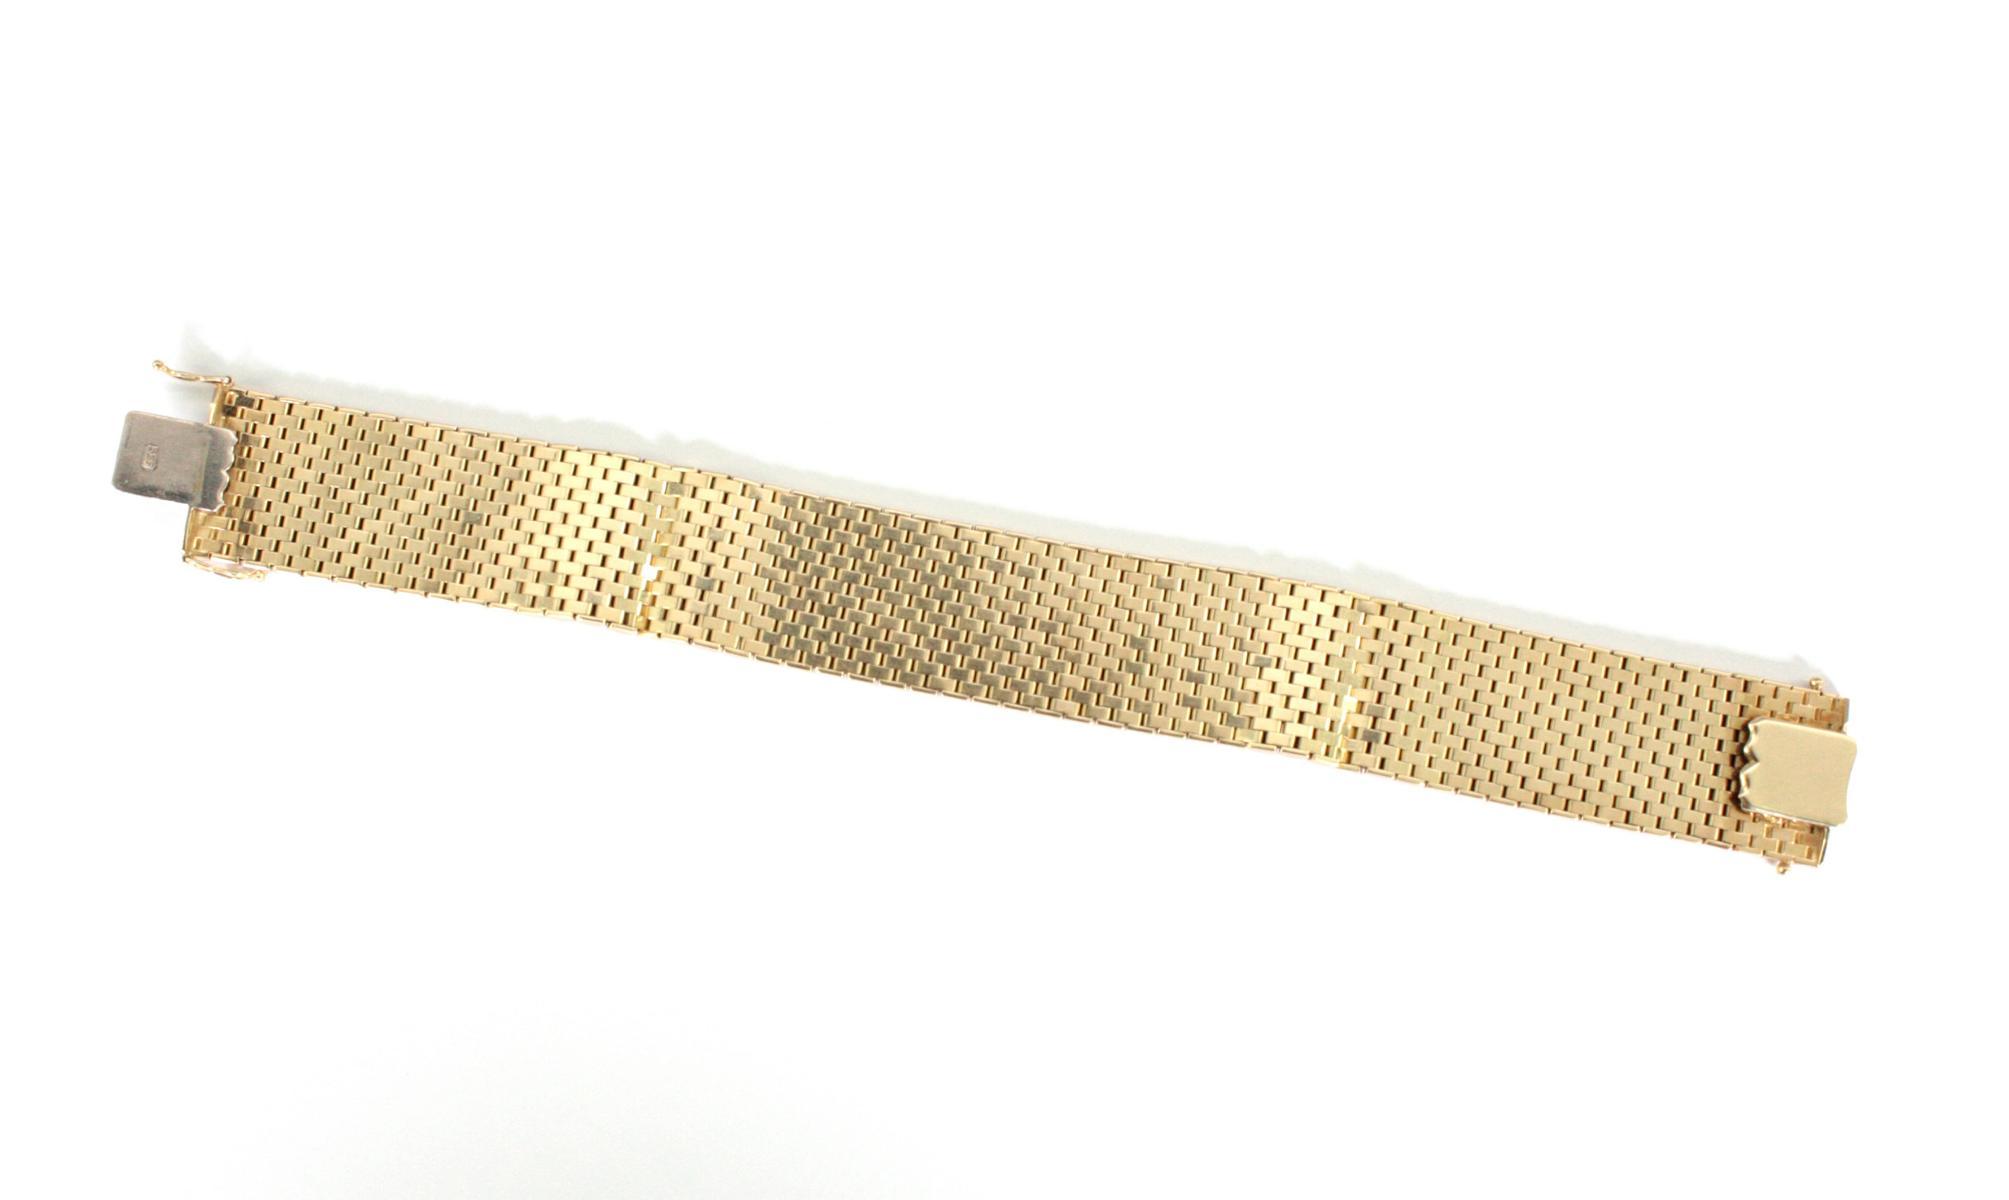 Damenarmband 14 Karat Gelbgold-2